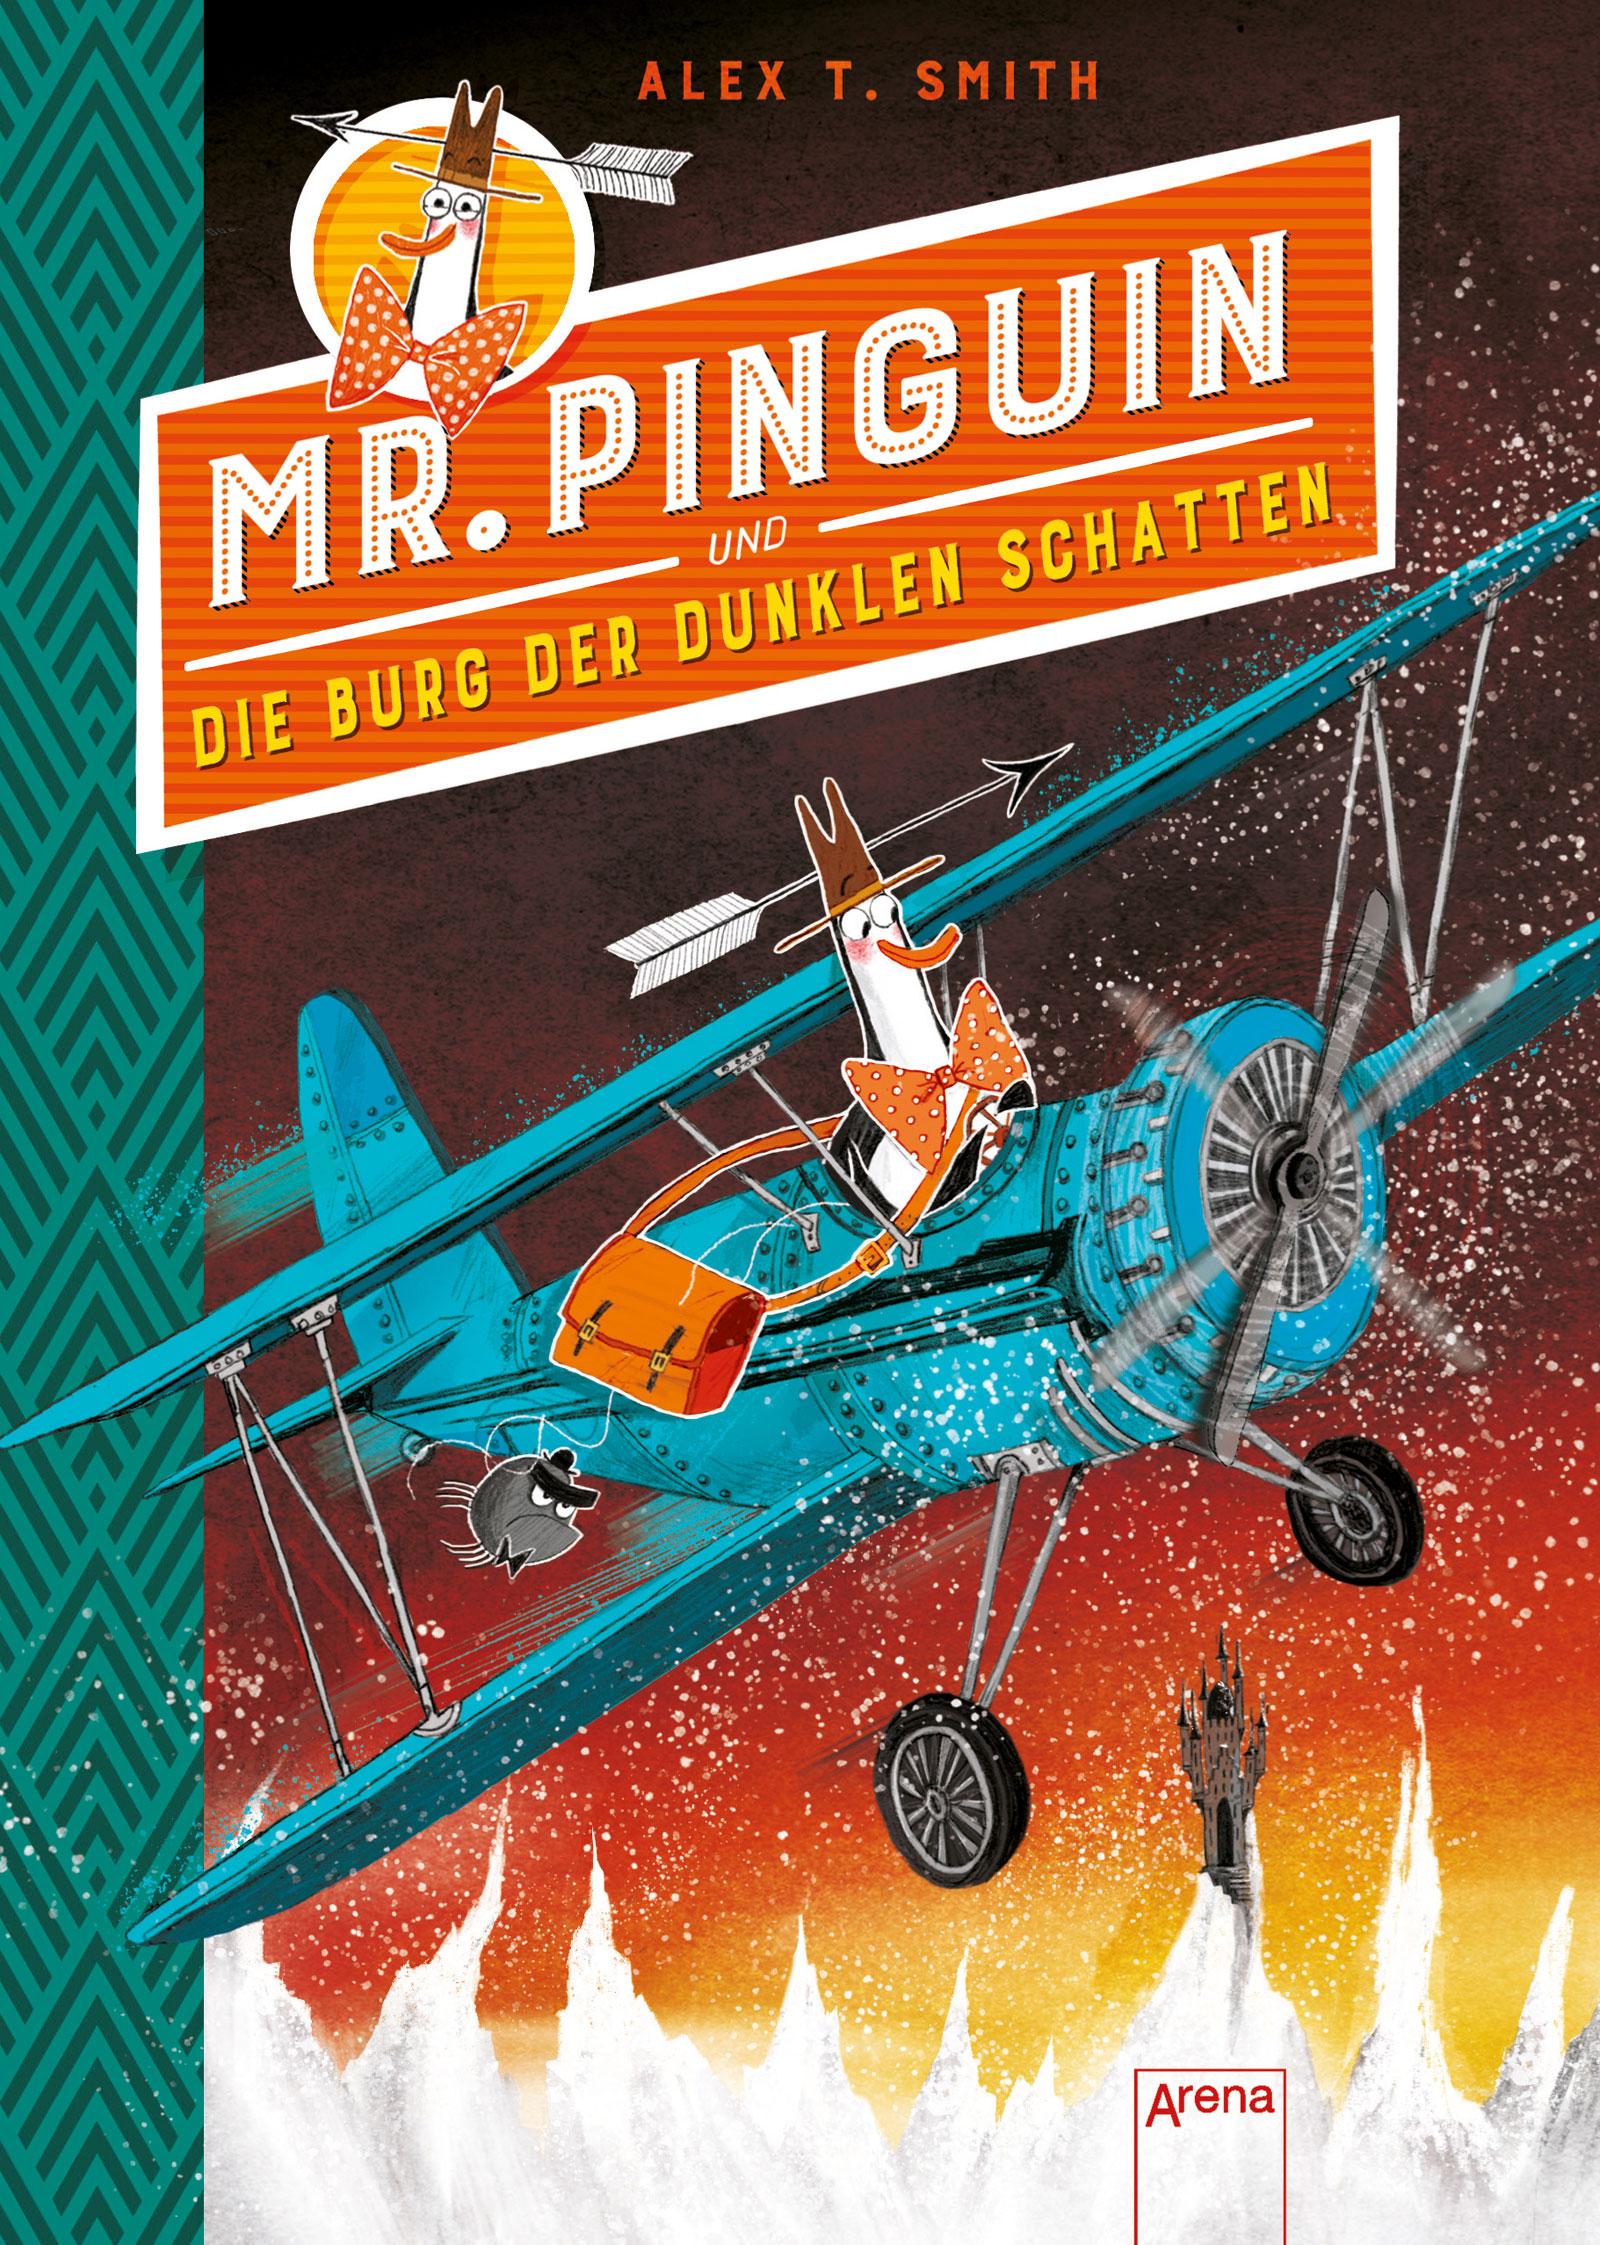 »MR. PINGUIN (2) UND DIE BURG DER DUNKLEN SCHATTEN« — ARENA